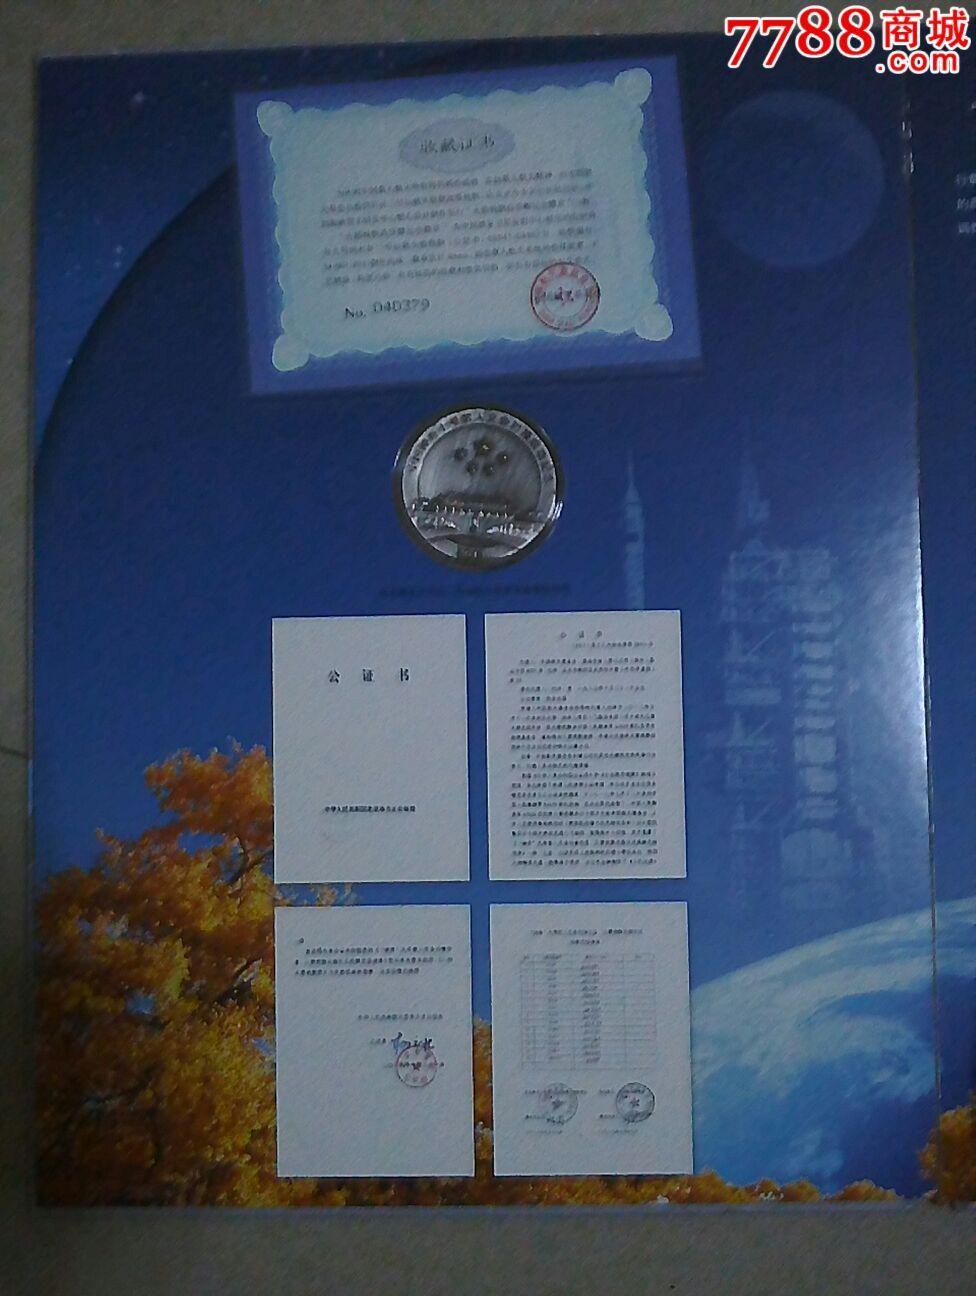 中国梦一航天梦邮政贺卡